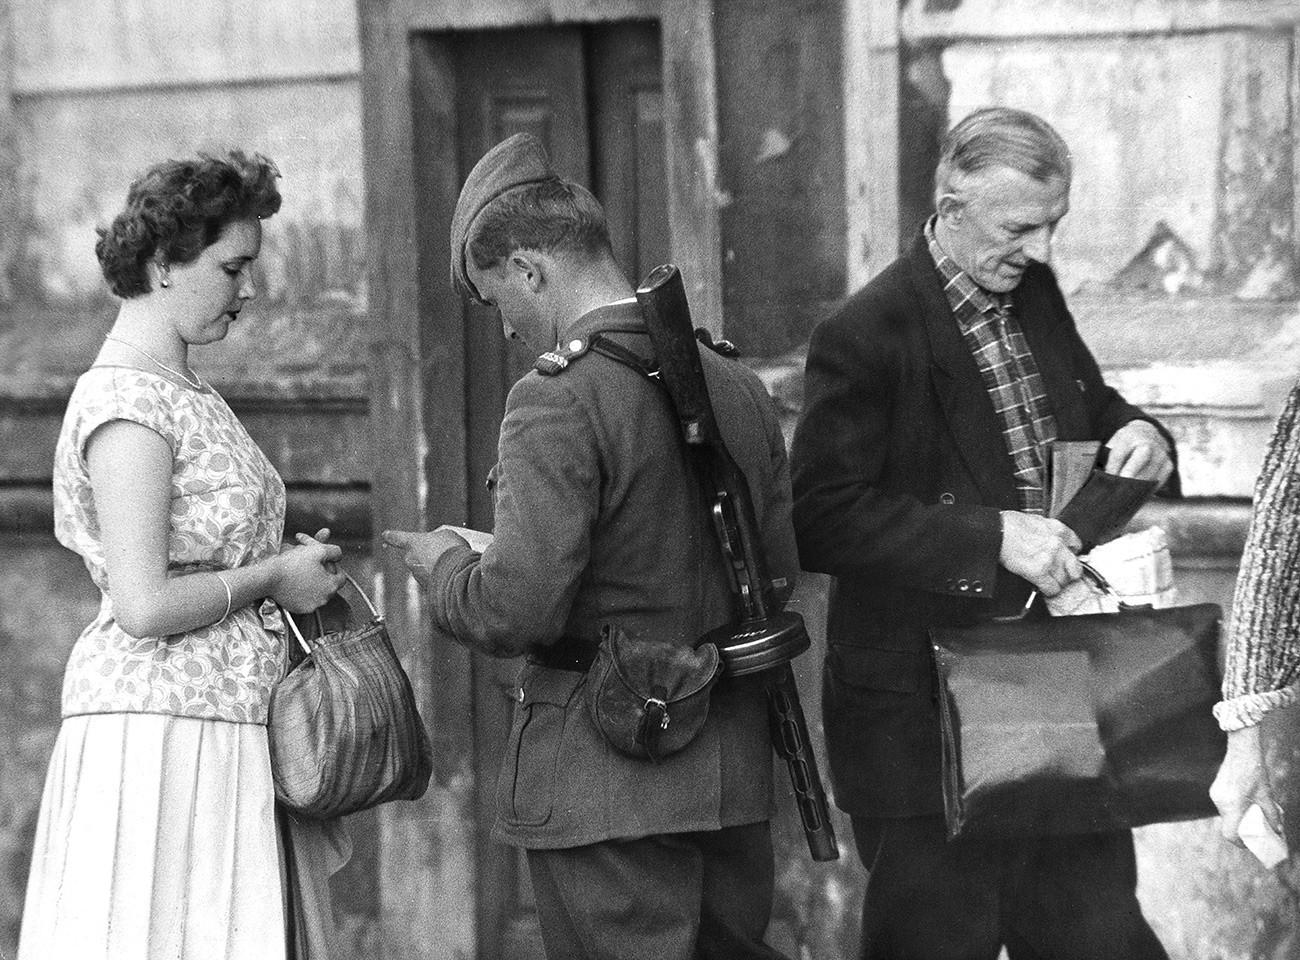 Orang-orang yang tinggal di dekat perbatasan dikontrol oleh polisi Jerman Timur (VOPO) sebelum memasuki flat mereka.